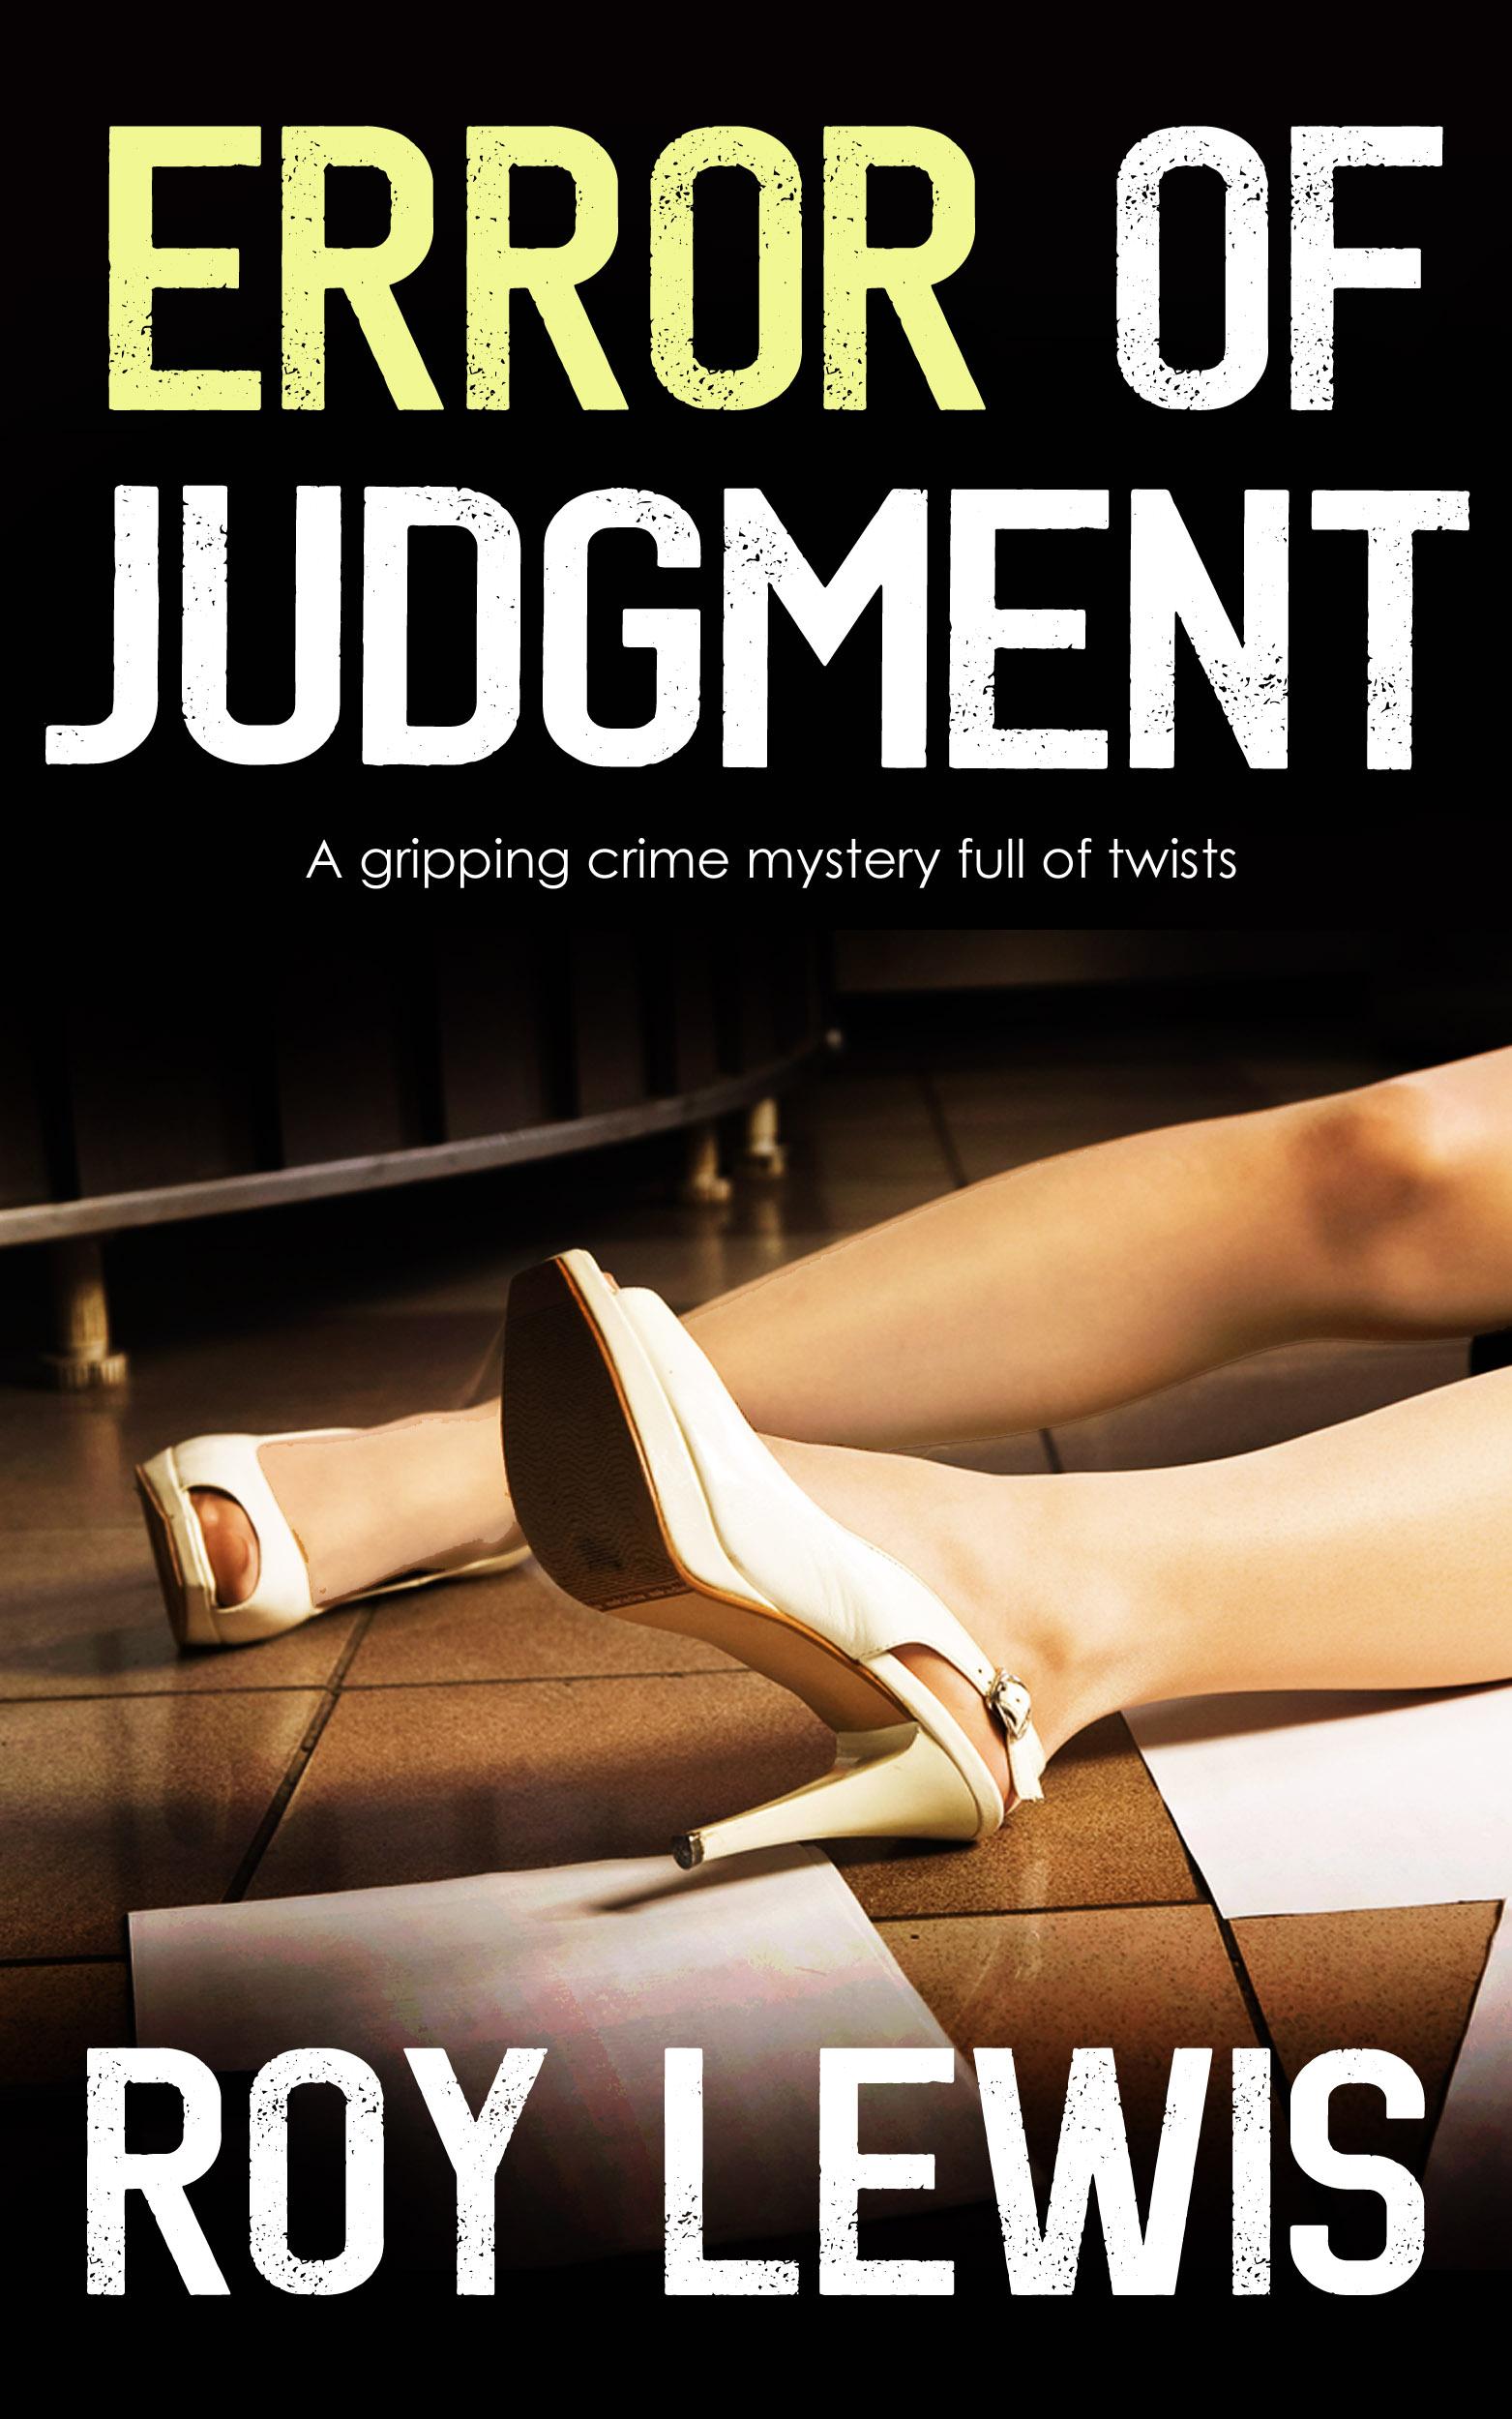 an error of judgement.jpg